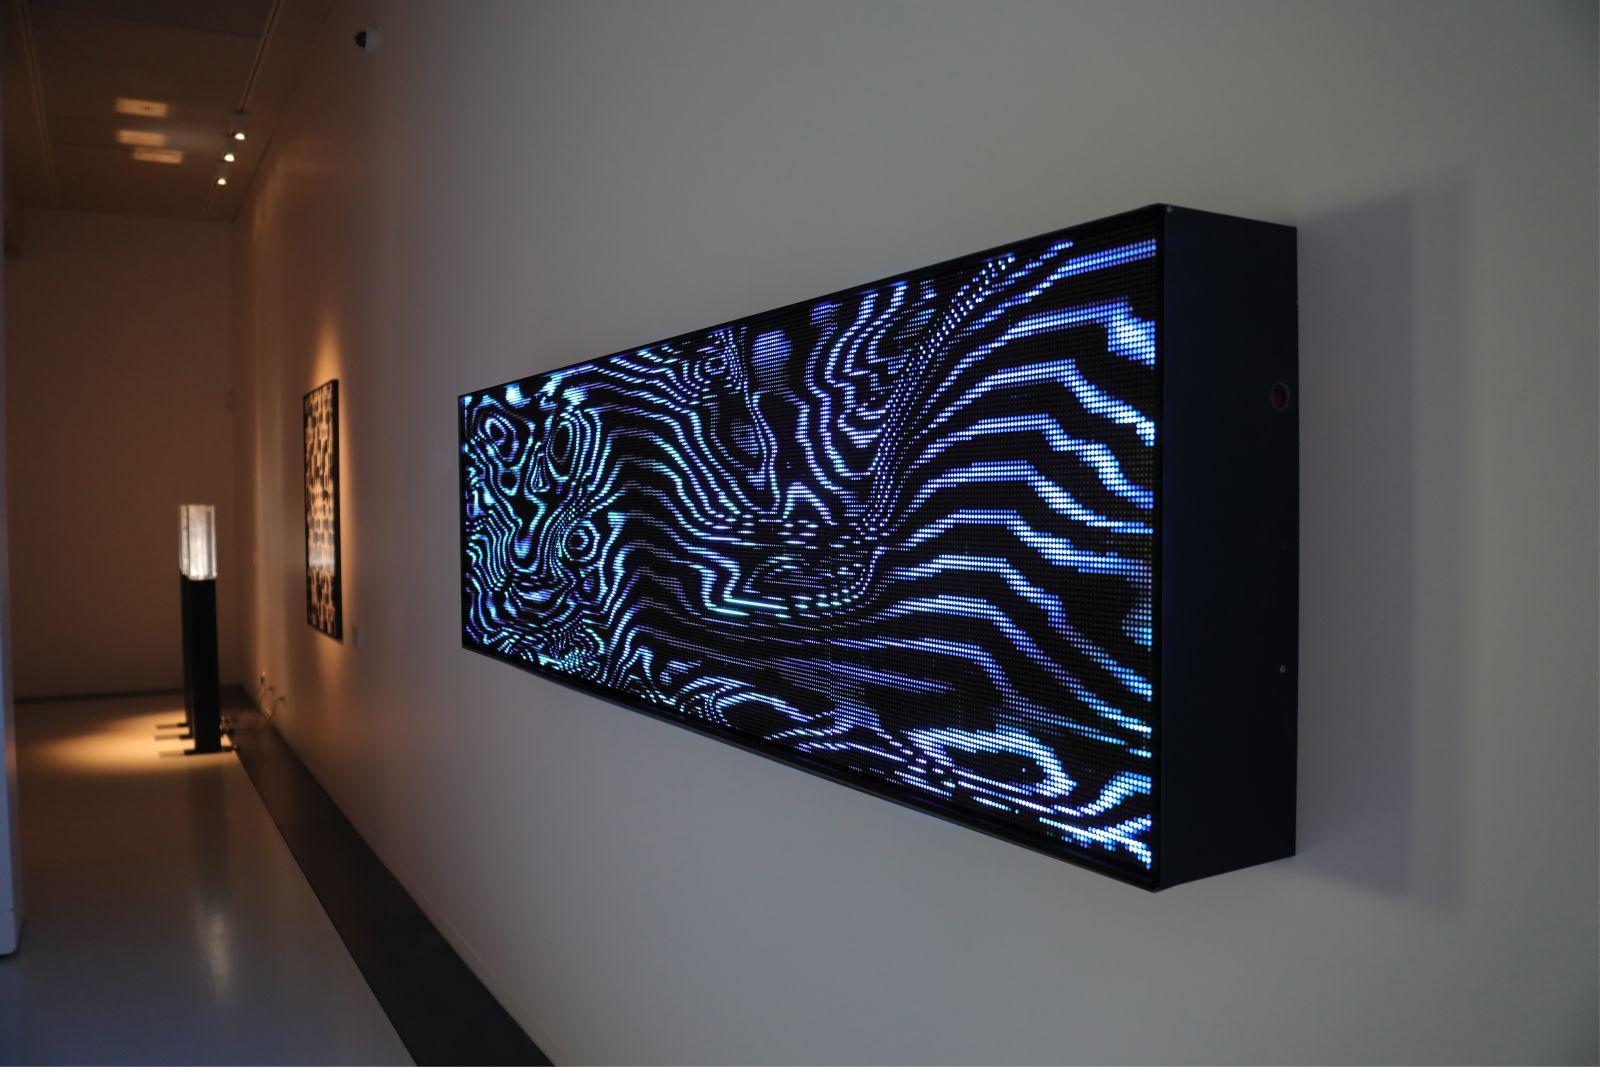 Pixels Noir Lumiere 2019 By Miguel Chevalier 15